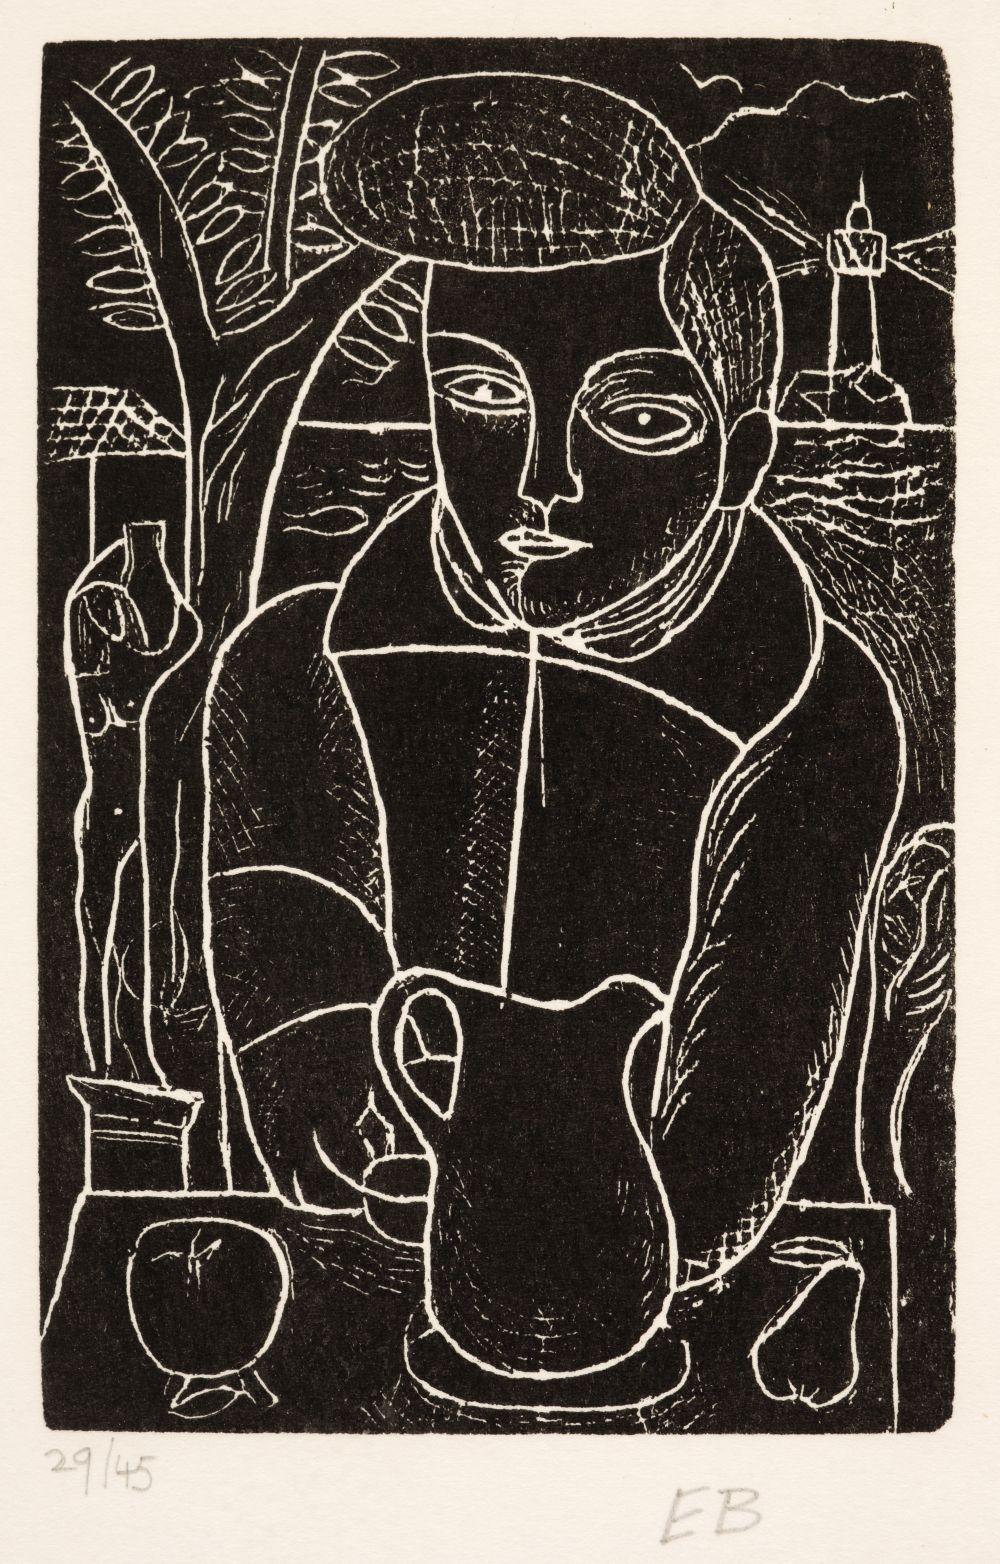 ARR * § Burra (Edward, 1905-1976). Boy with a Jug, circa 1928-29